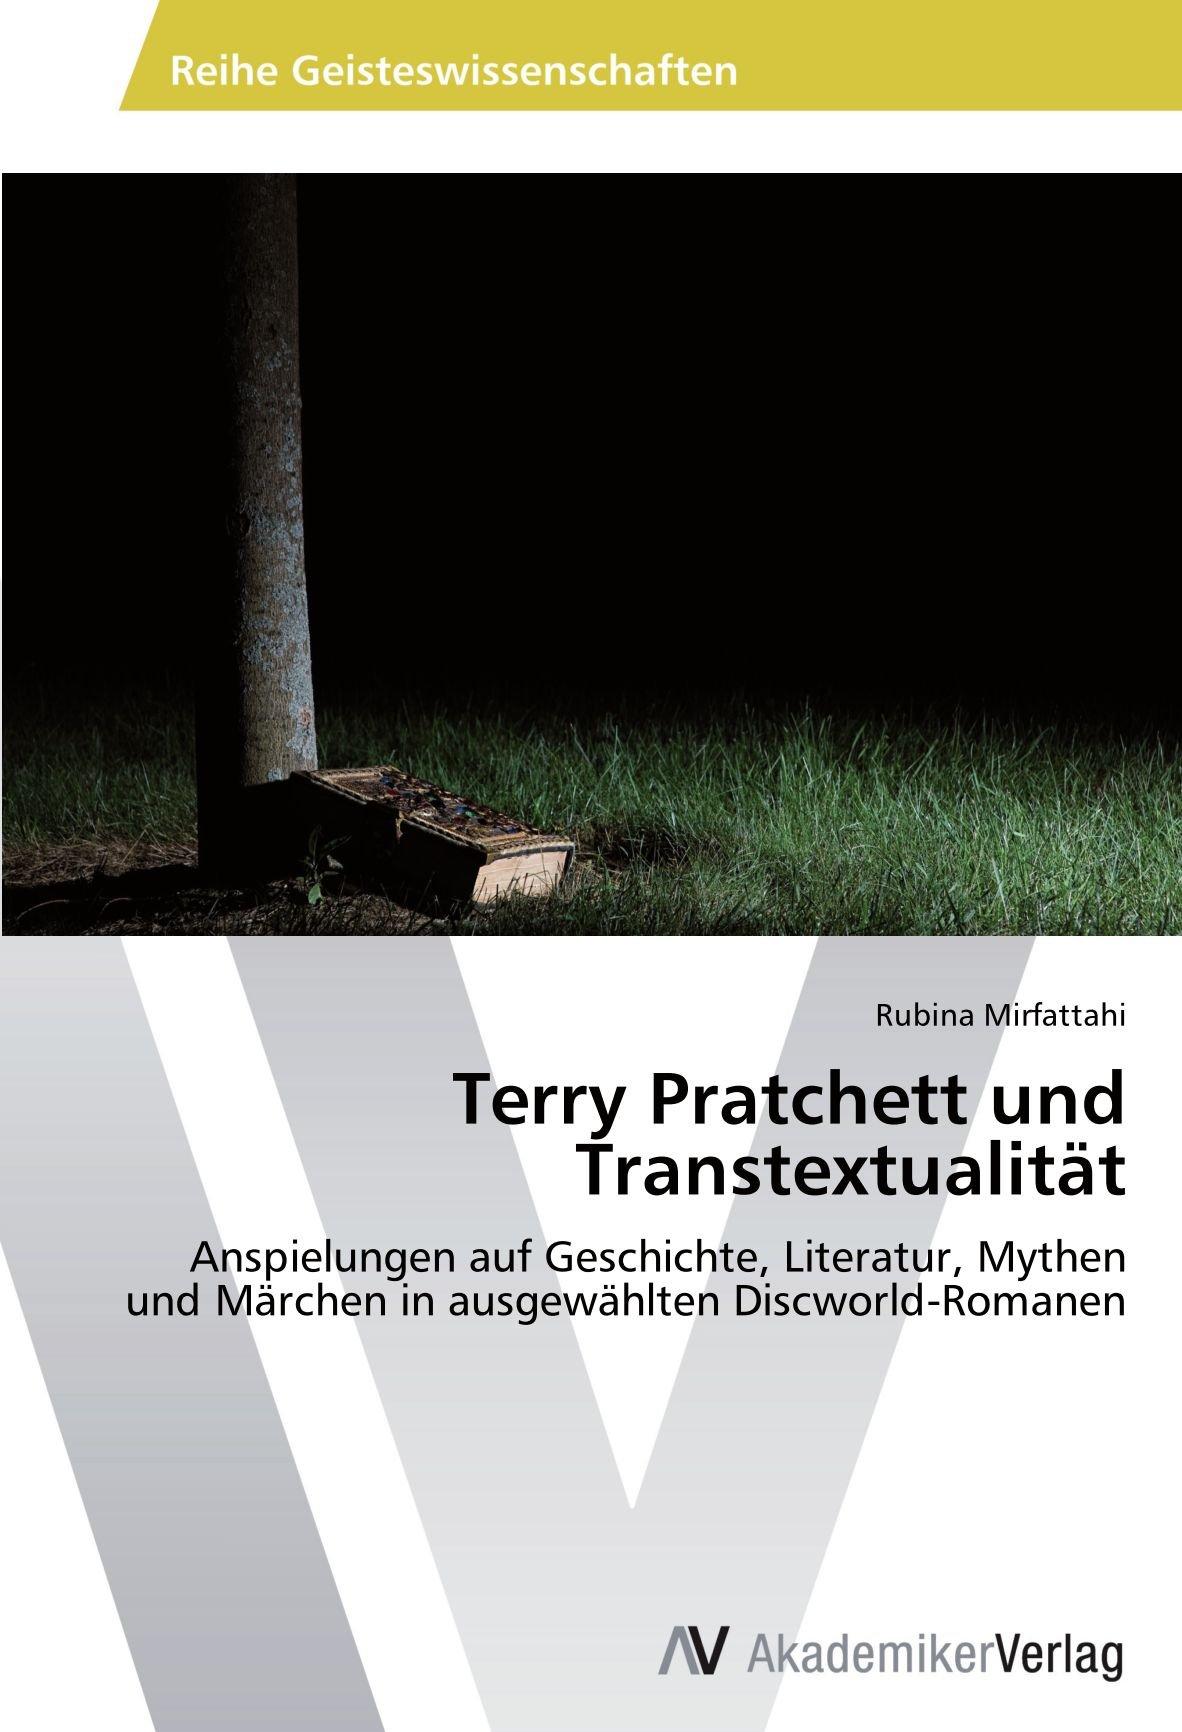 Download Terry Pratchett und Transtextualität: Anspielungen auf Geschichte, Literatur, Mythen und Märchen in ausgewählten Discworld-Romanen (German Edition) pdf